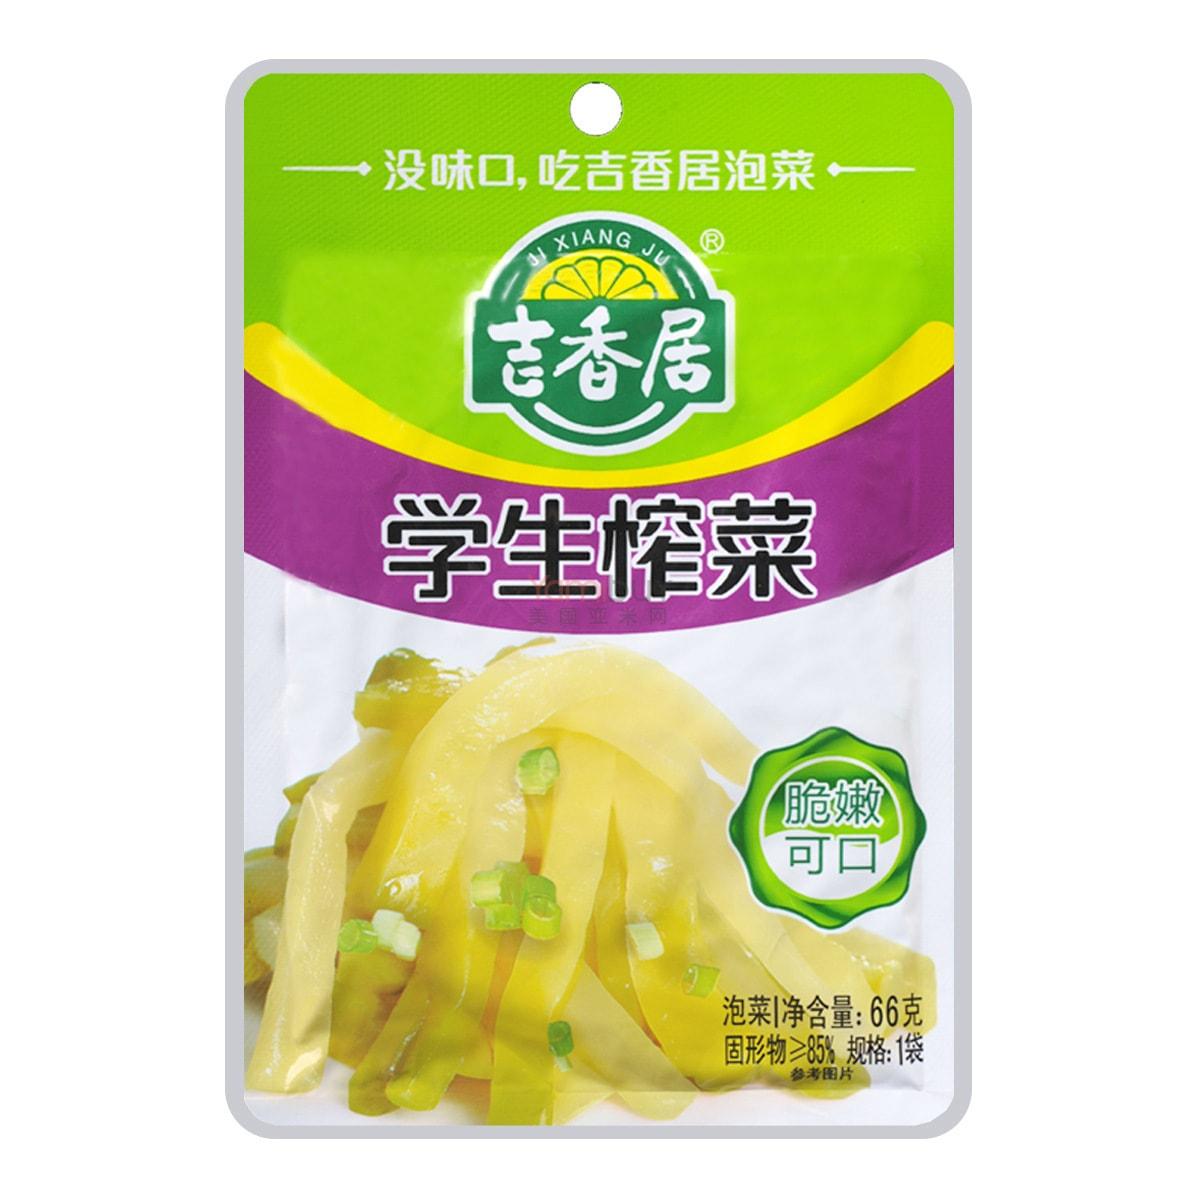 吉香居 即食小菜 学生榨菜 66g